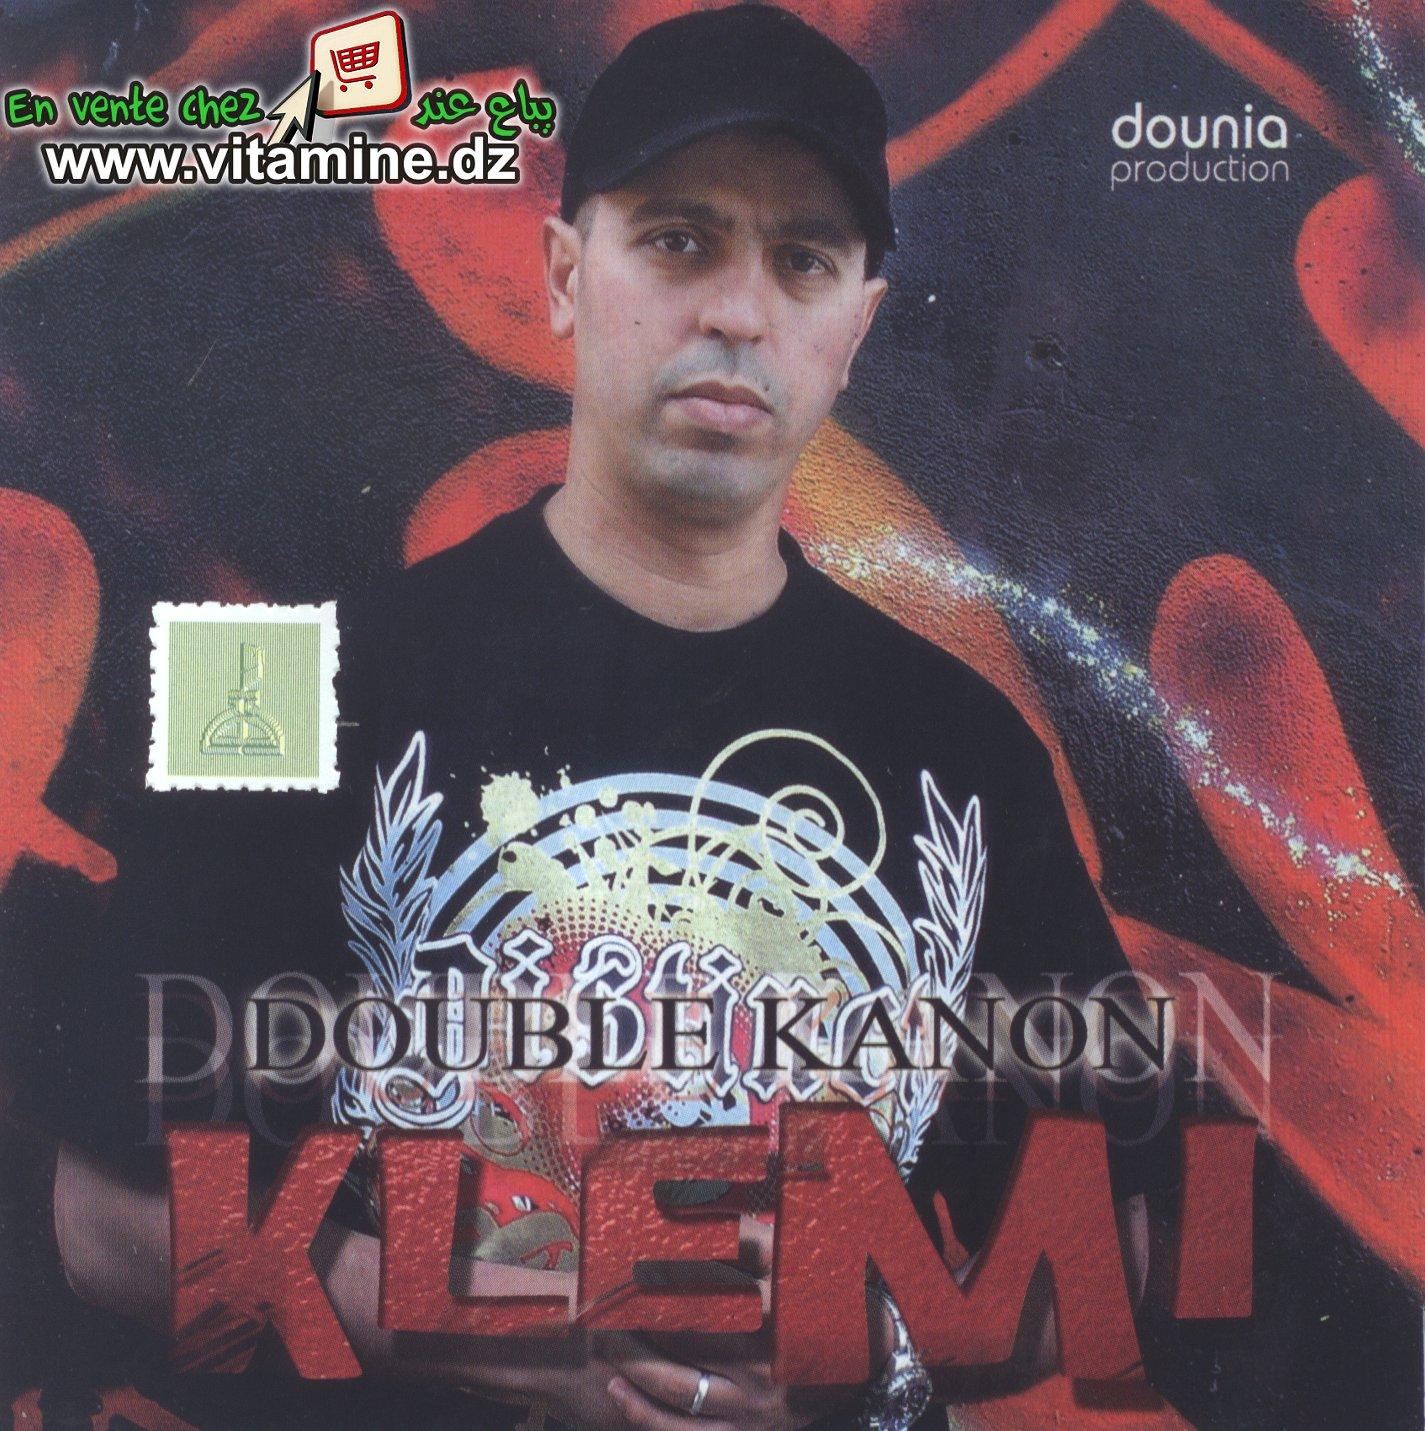 Double Kanon - klemi